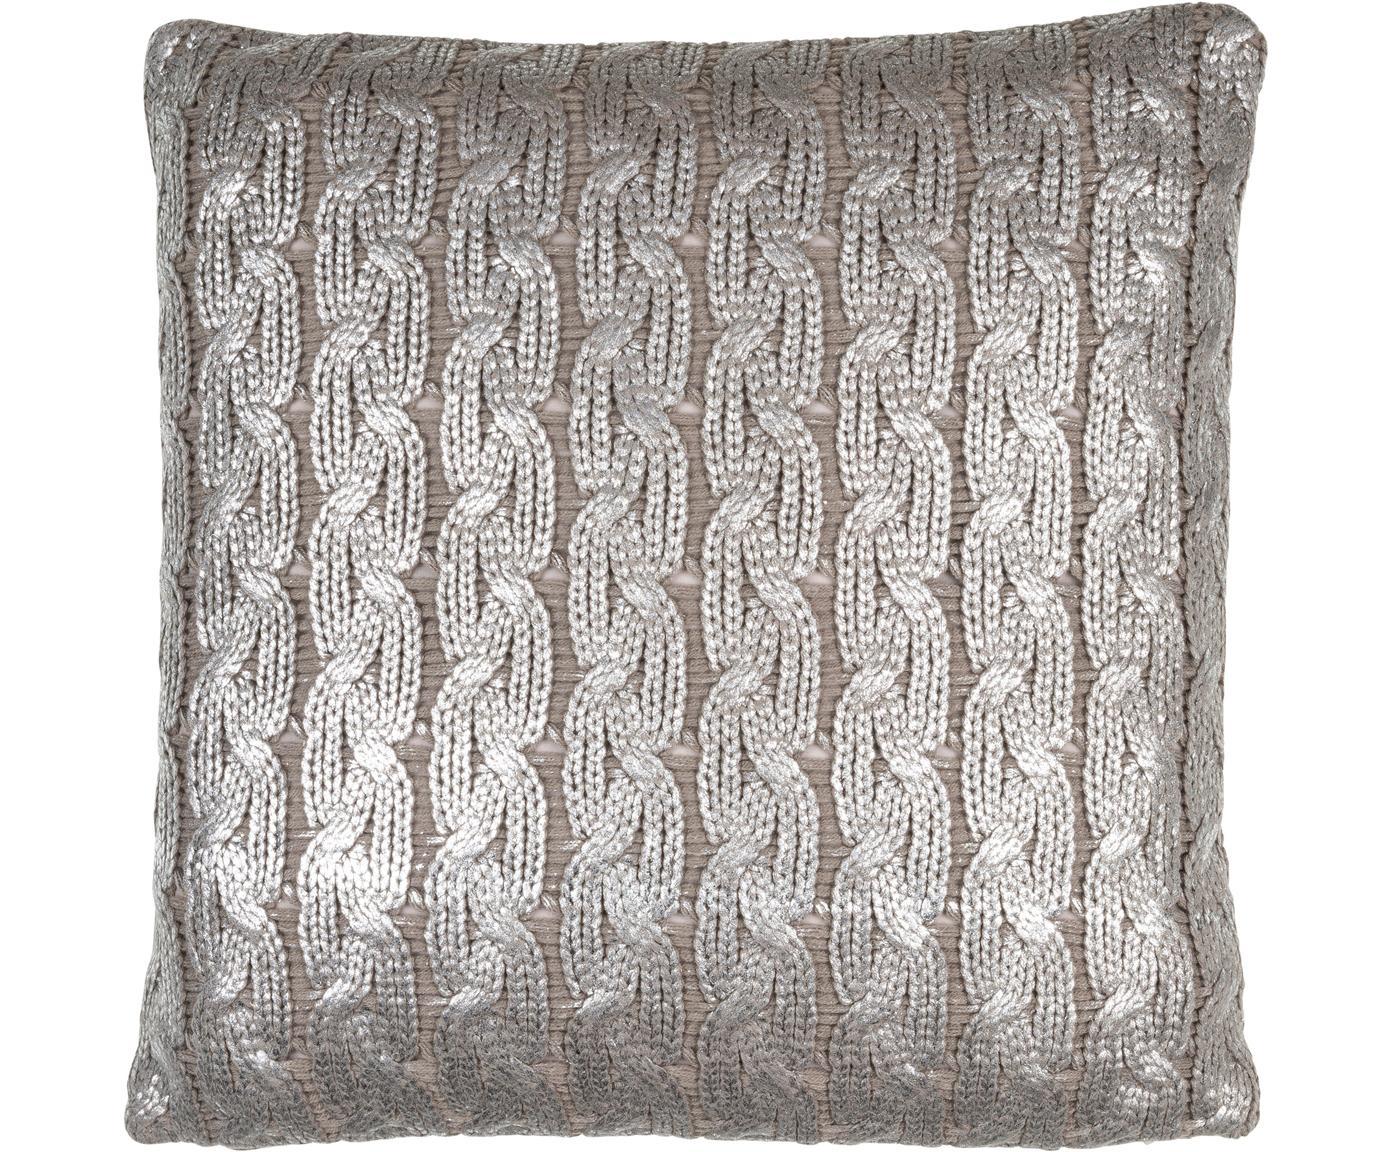 Gebreide kussenhoes Trenes glinsterend/glanzend in taupe en zilverkleur, Acryl, Taupe, zilverkleurig, 45 x 45 cm